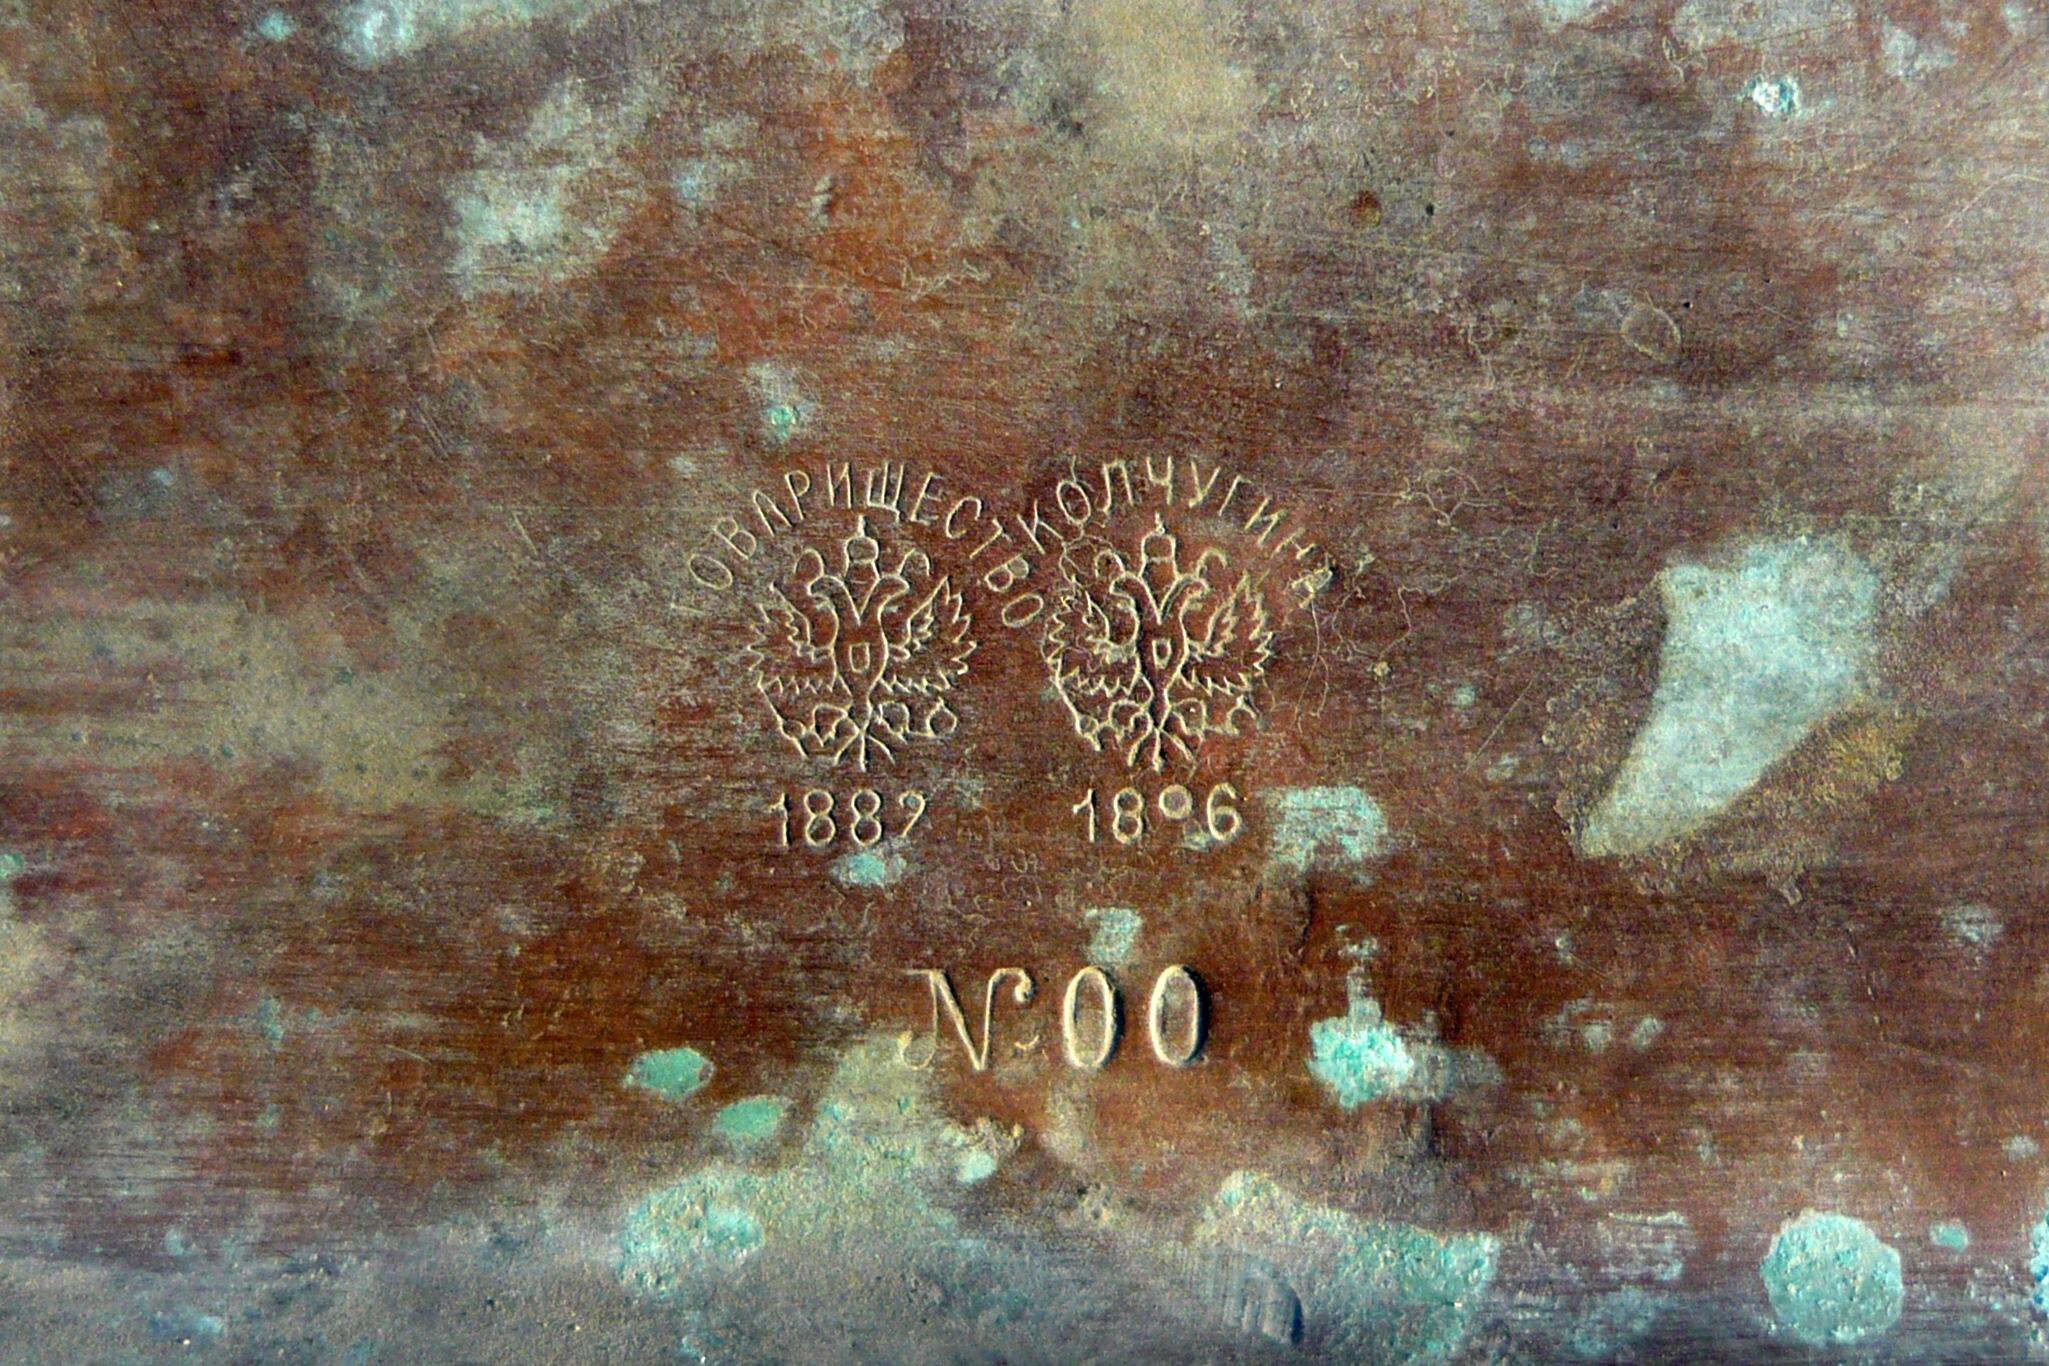 9o0-qr7xwSA.jpg